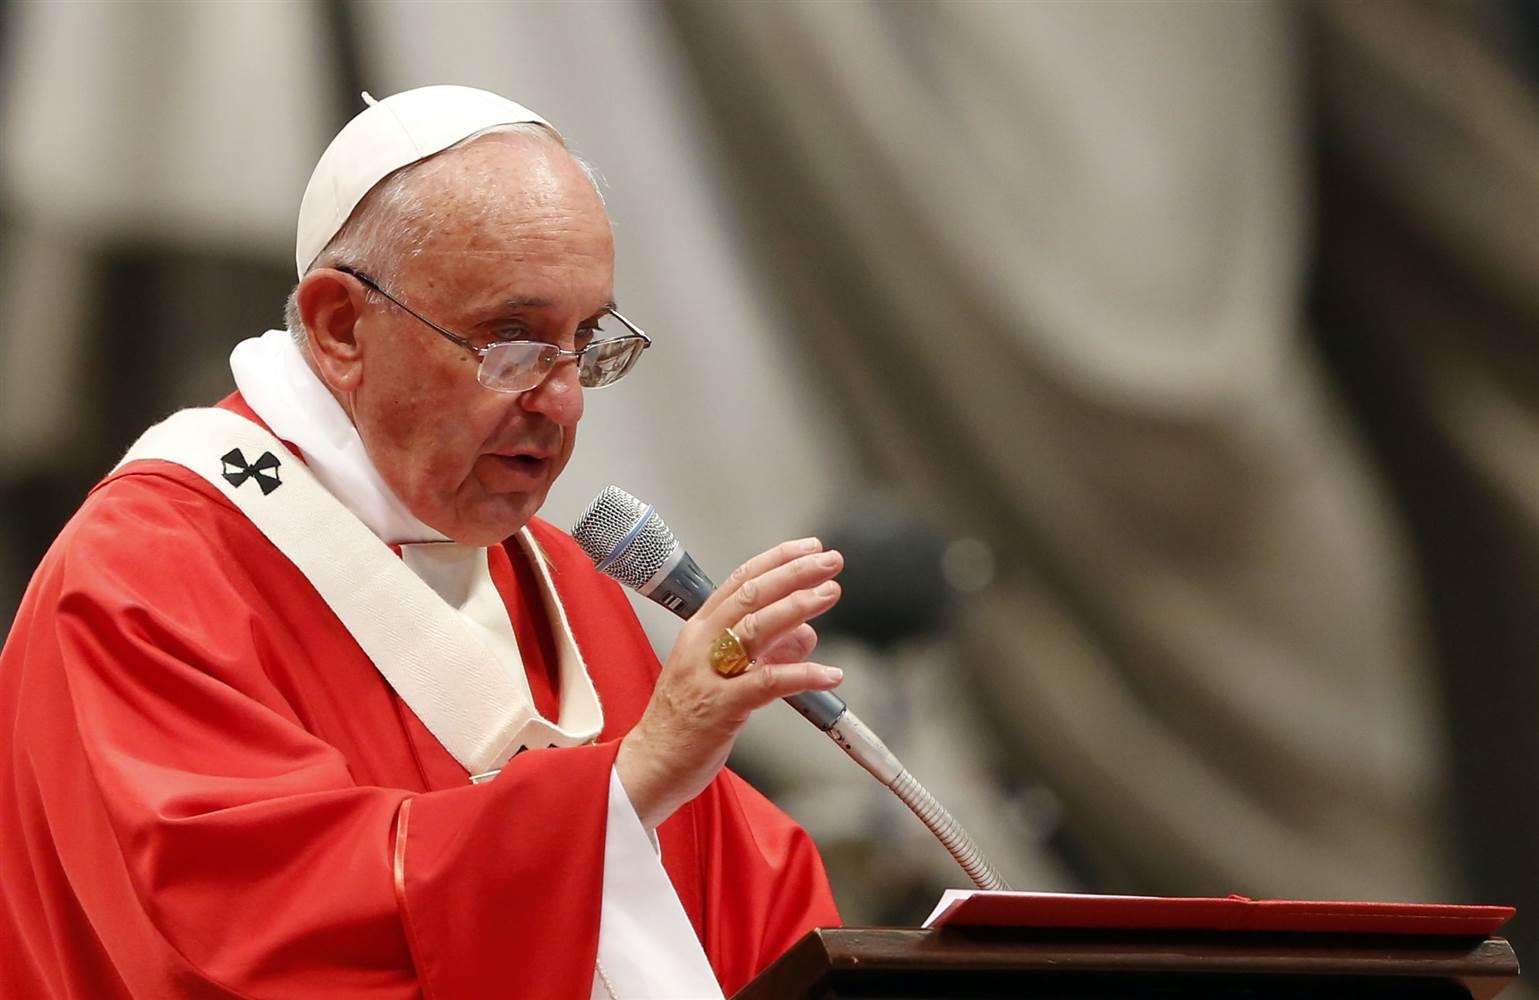 Papa Francesco: Chi non vive per servire, non serve per vivere